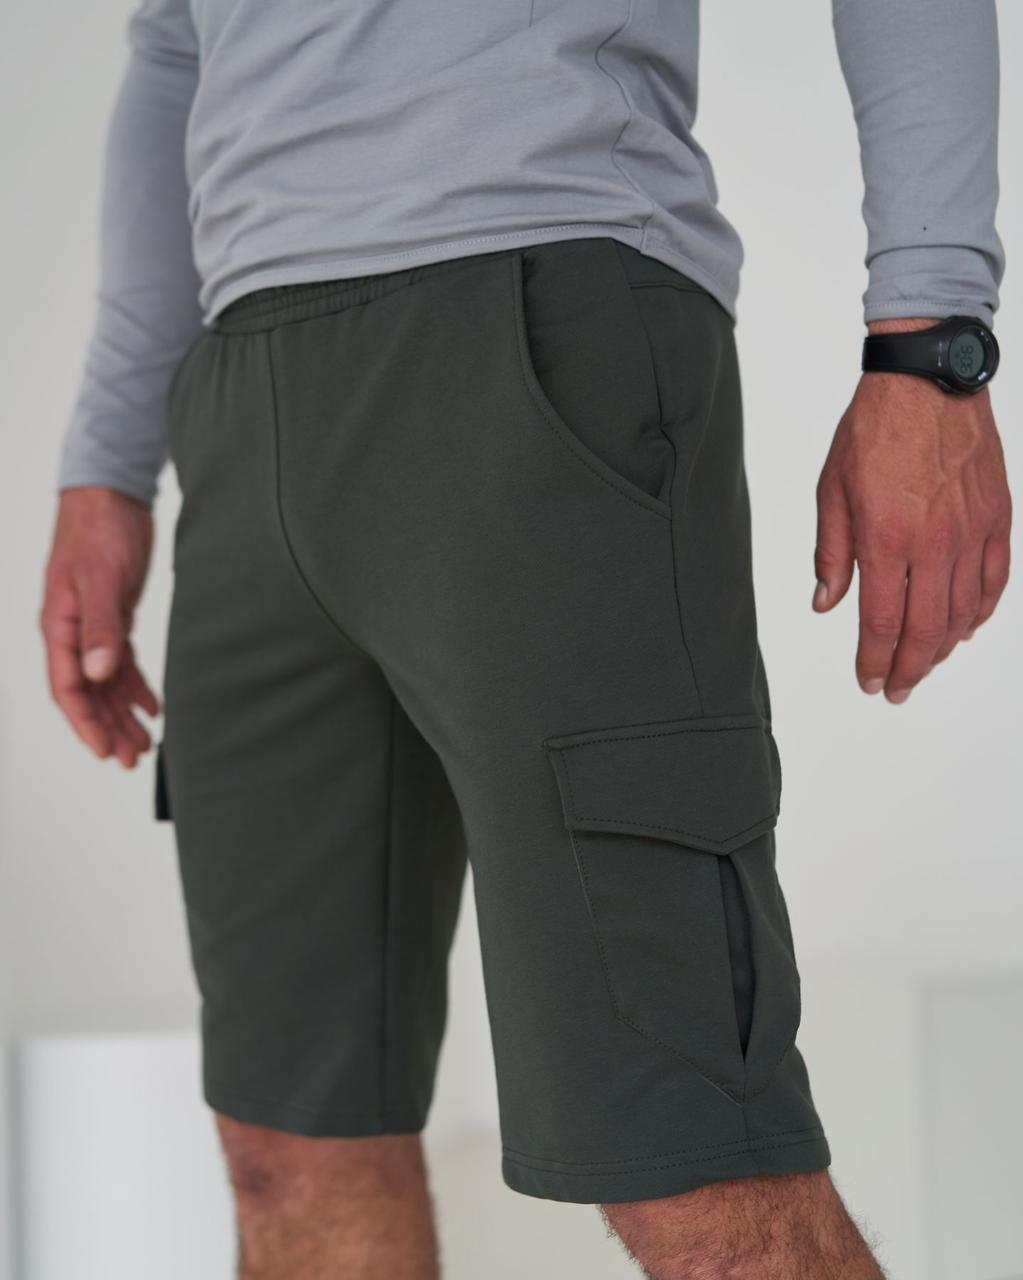 Чоловічі трикотажні шорти карго з кишенями / Хакі спортивні шорти, бриджі чоловічі